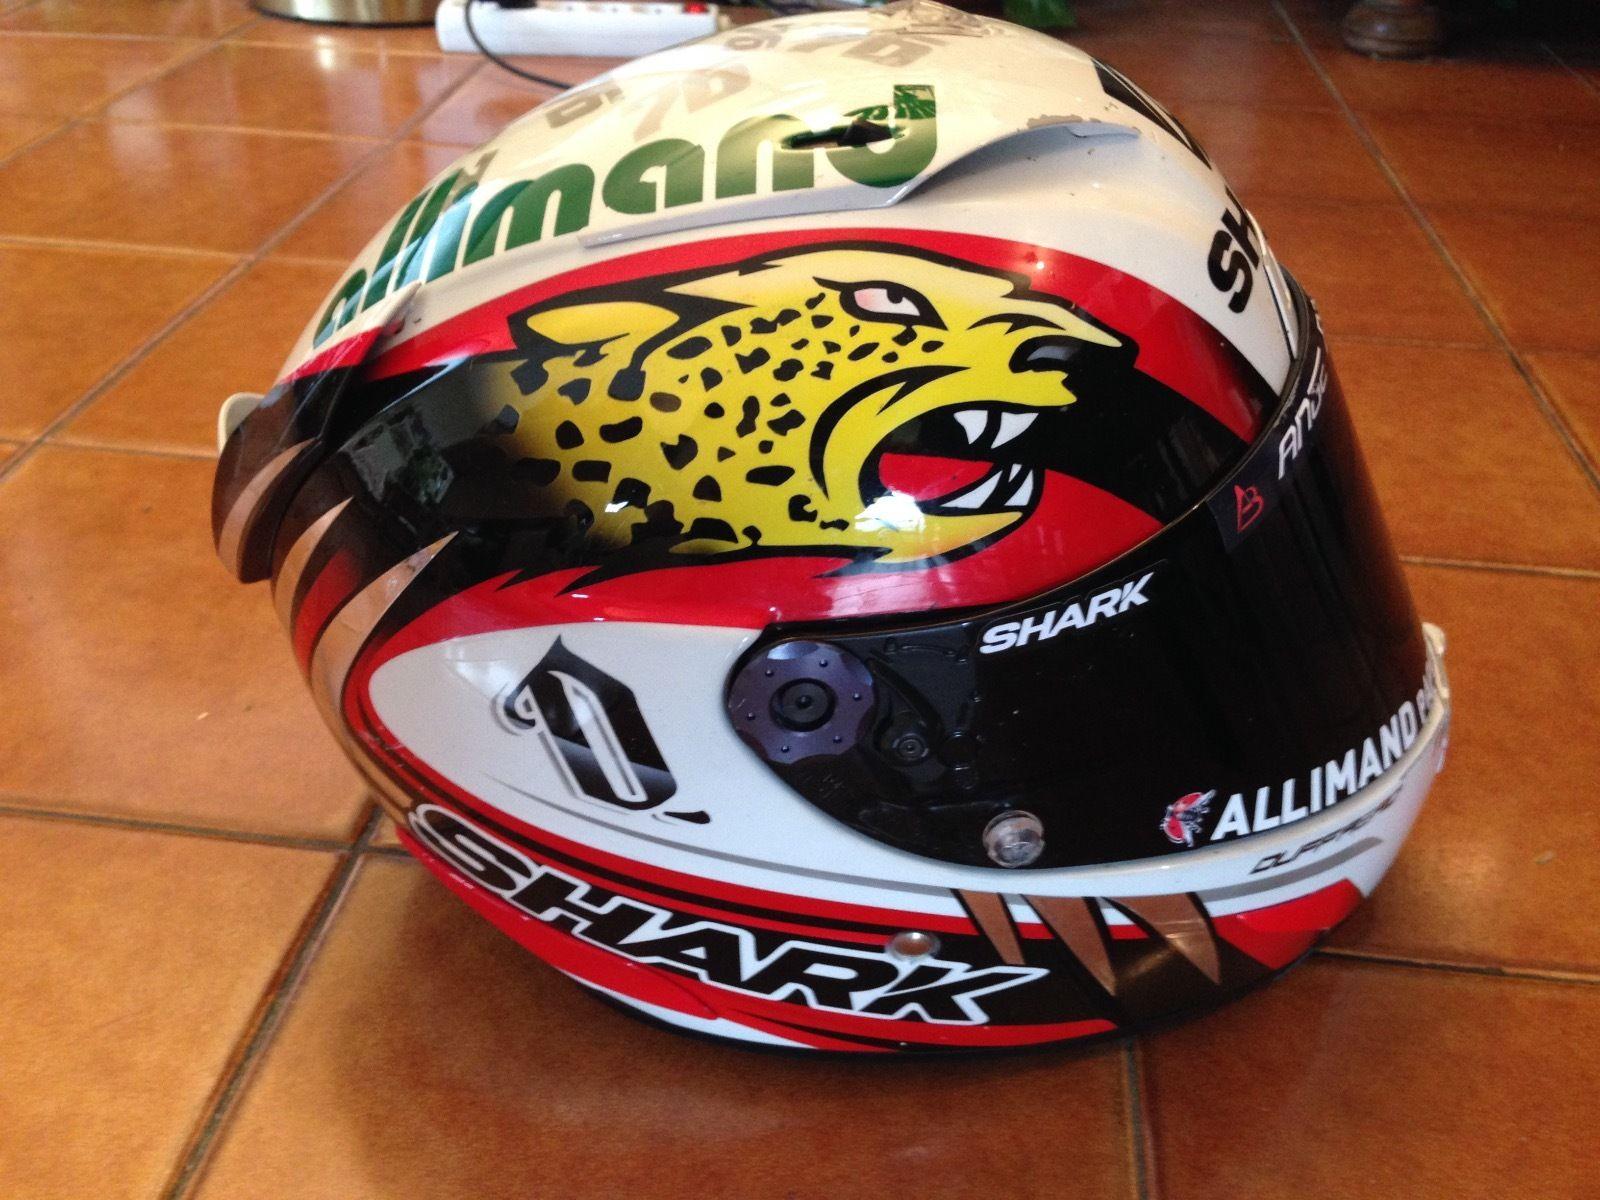 20121212_LB_helmet01.jpg